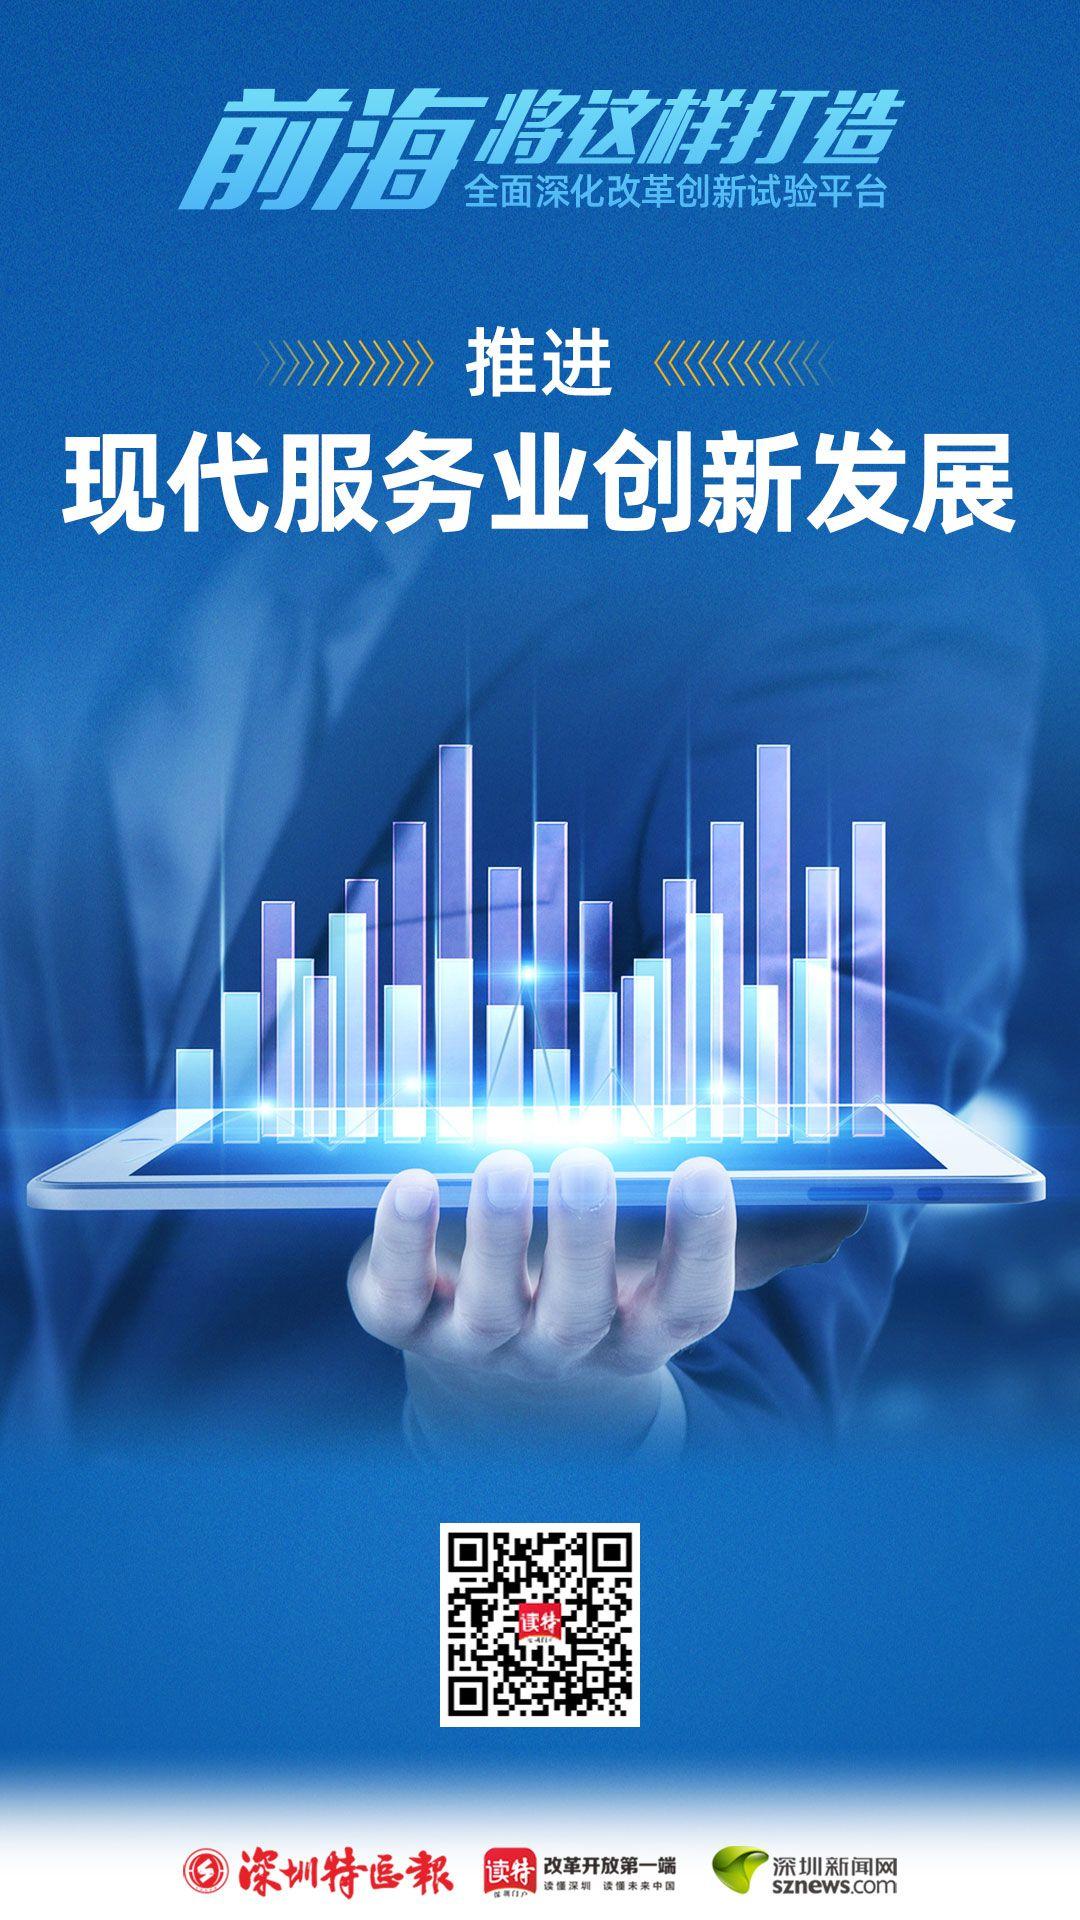 全面深化改革创新试验平台,前海将这样打造!